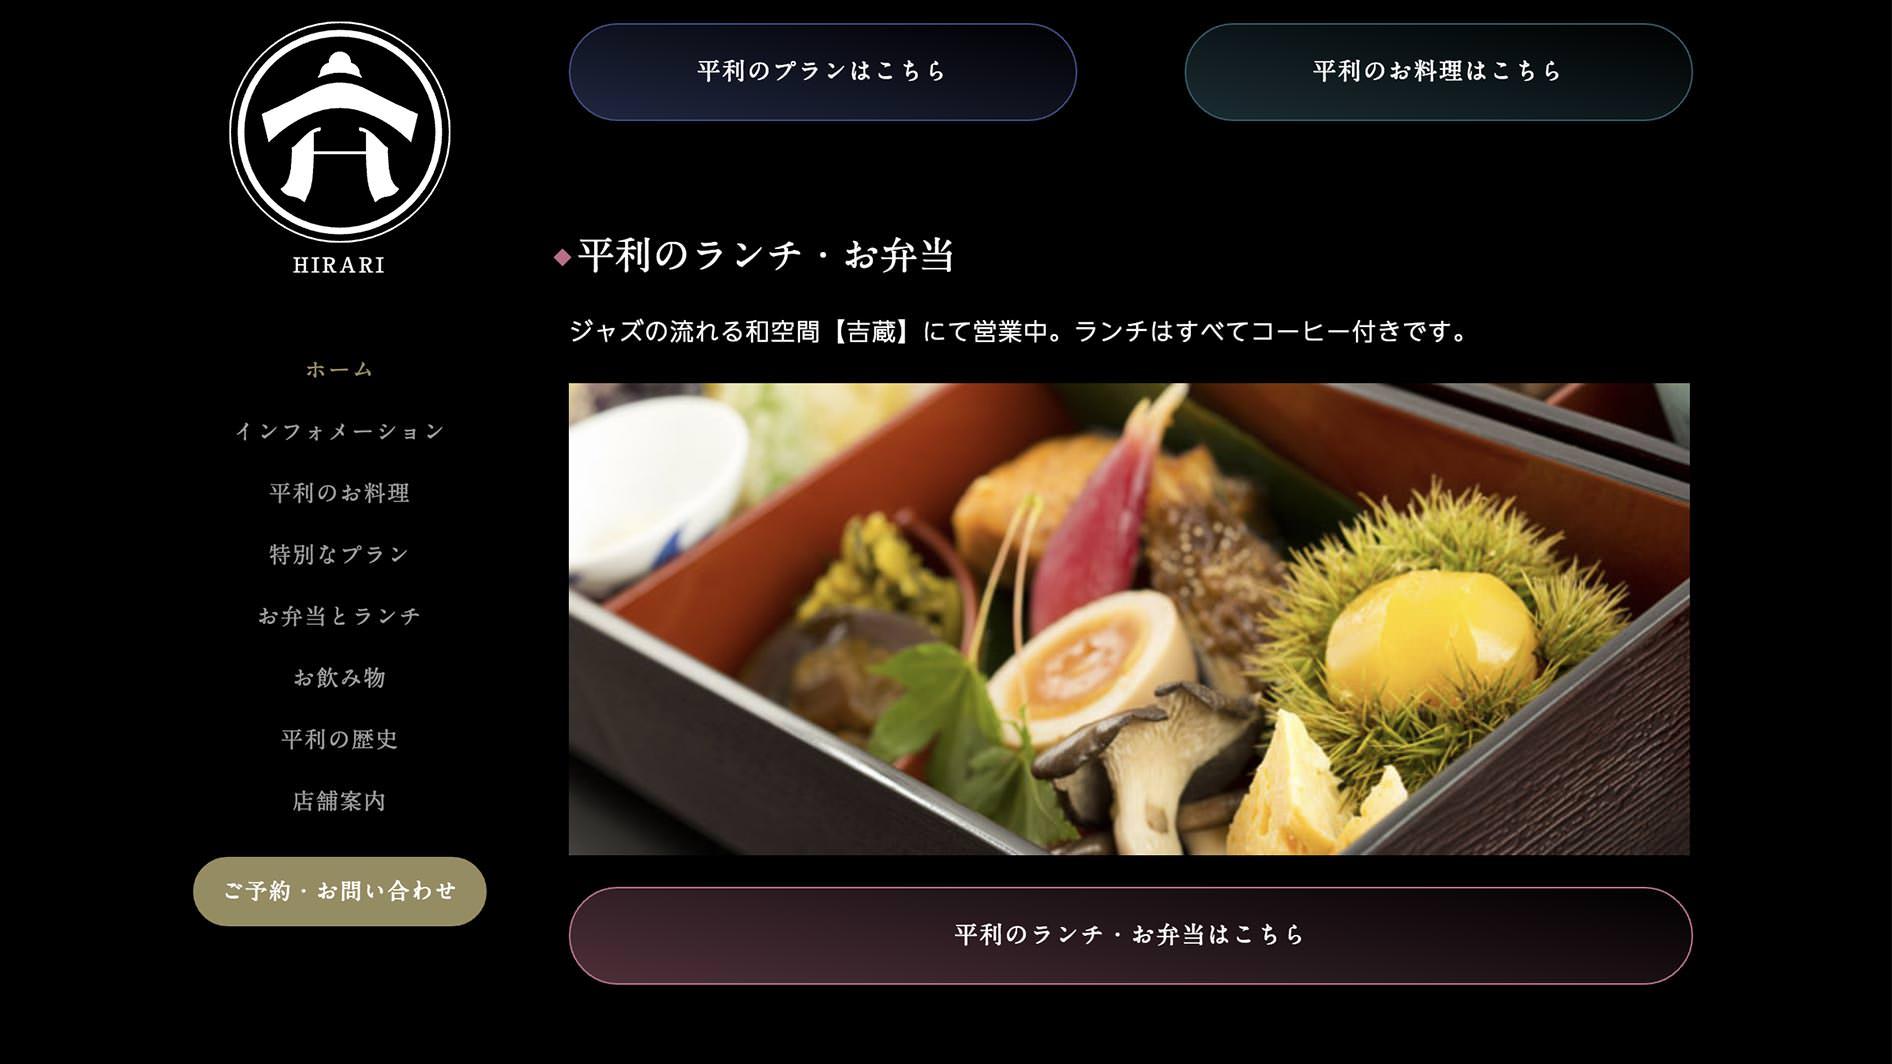 旅館平利・吉藏PCのイメージ